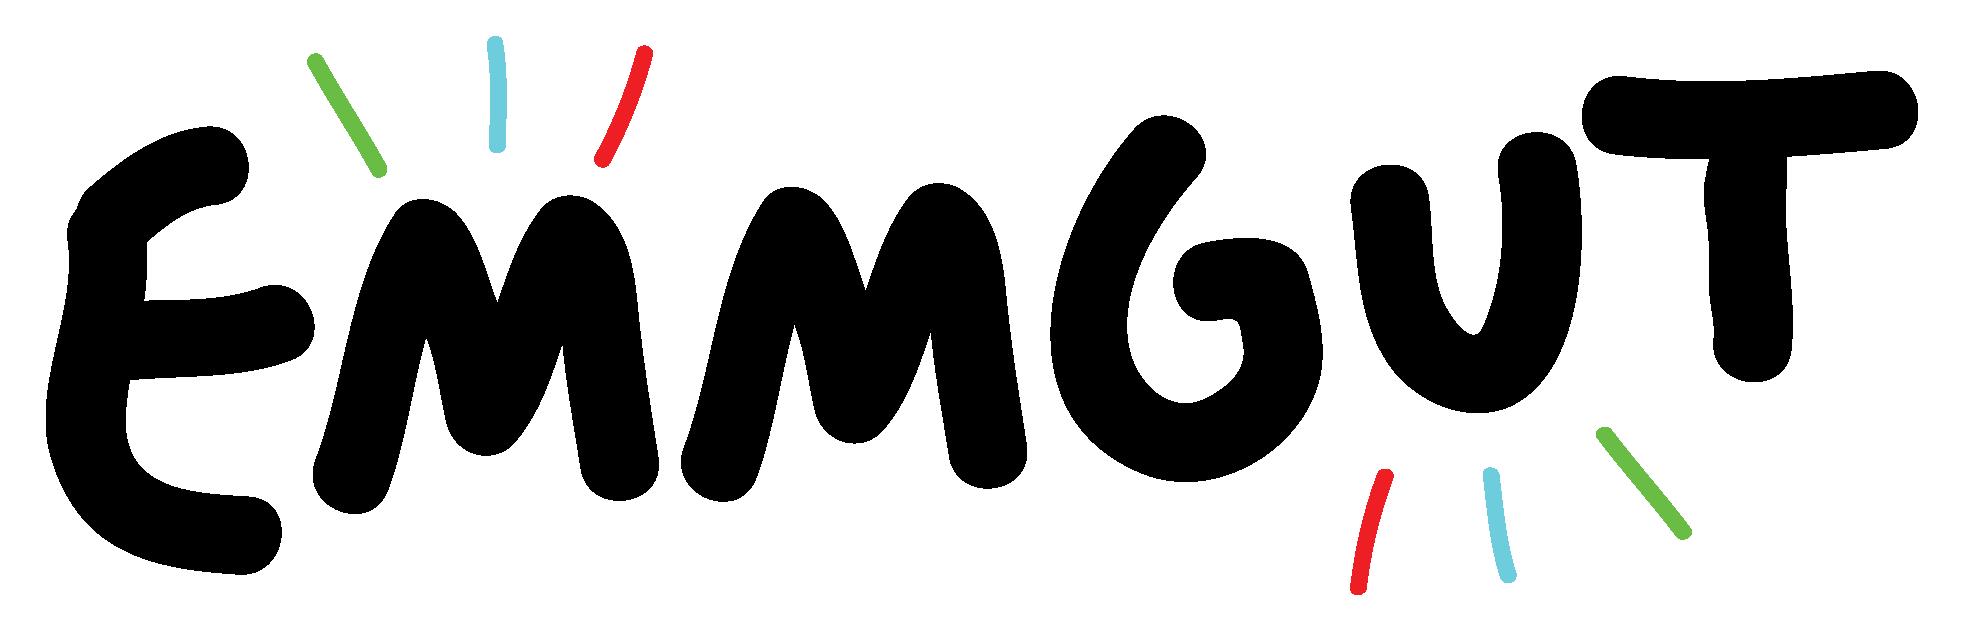 Emmgut